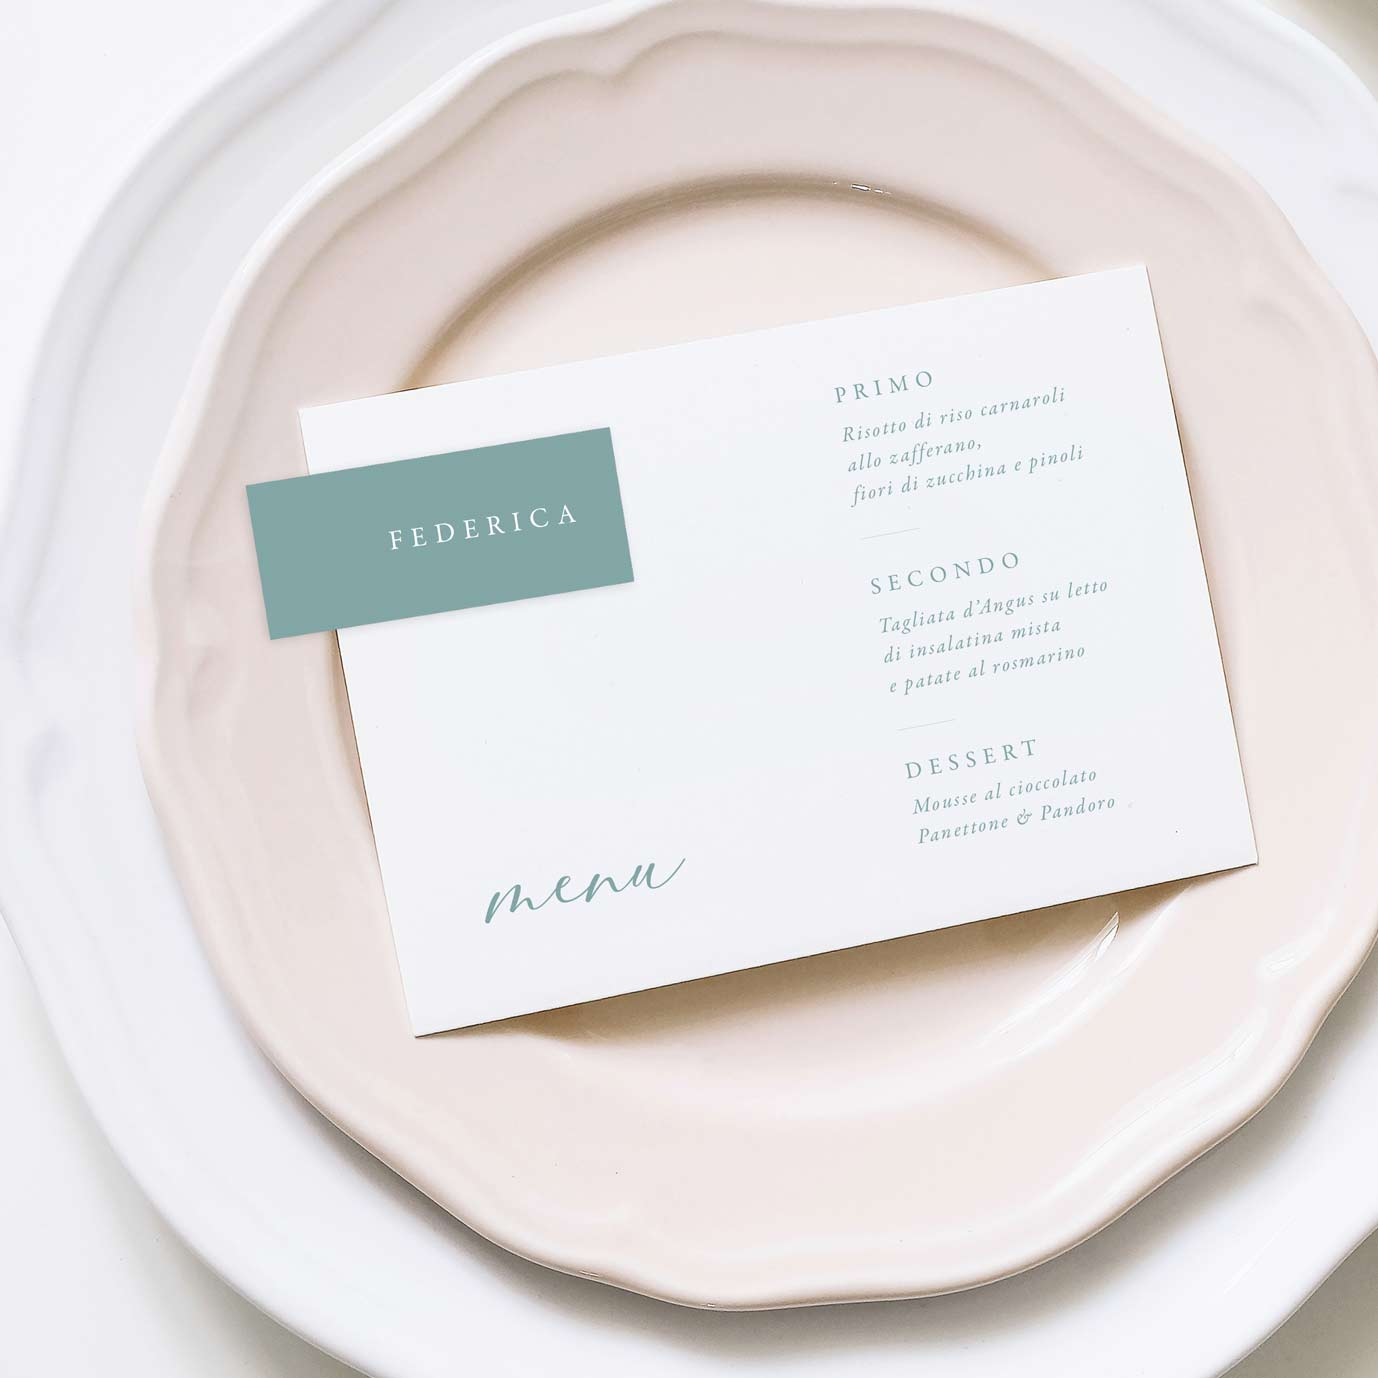 Menu-personalizzato-invitato-ospite-nome-rosa-azzurro-wedding-matrimonio-nozze